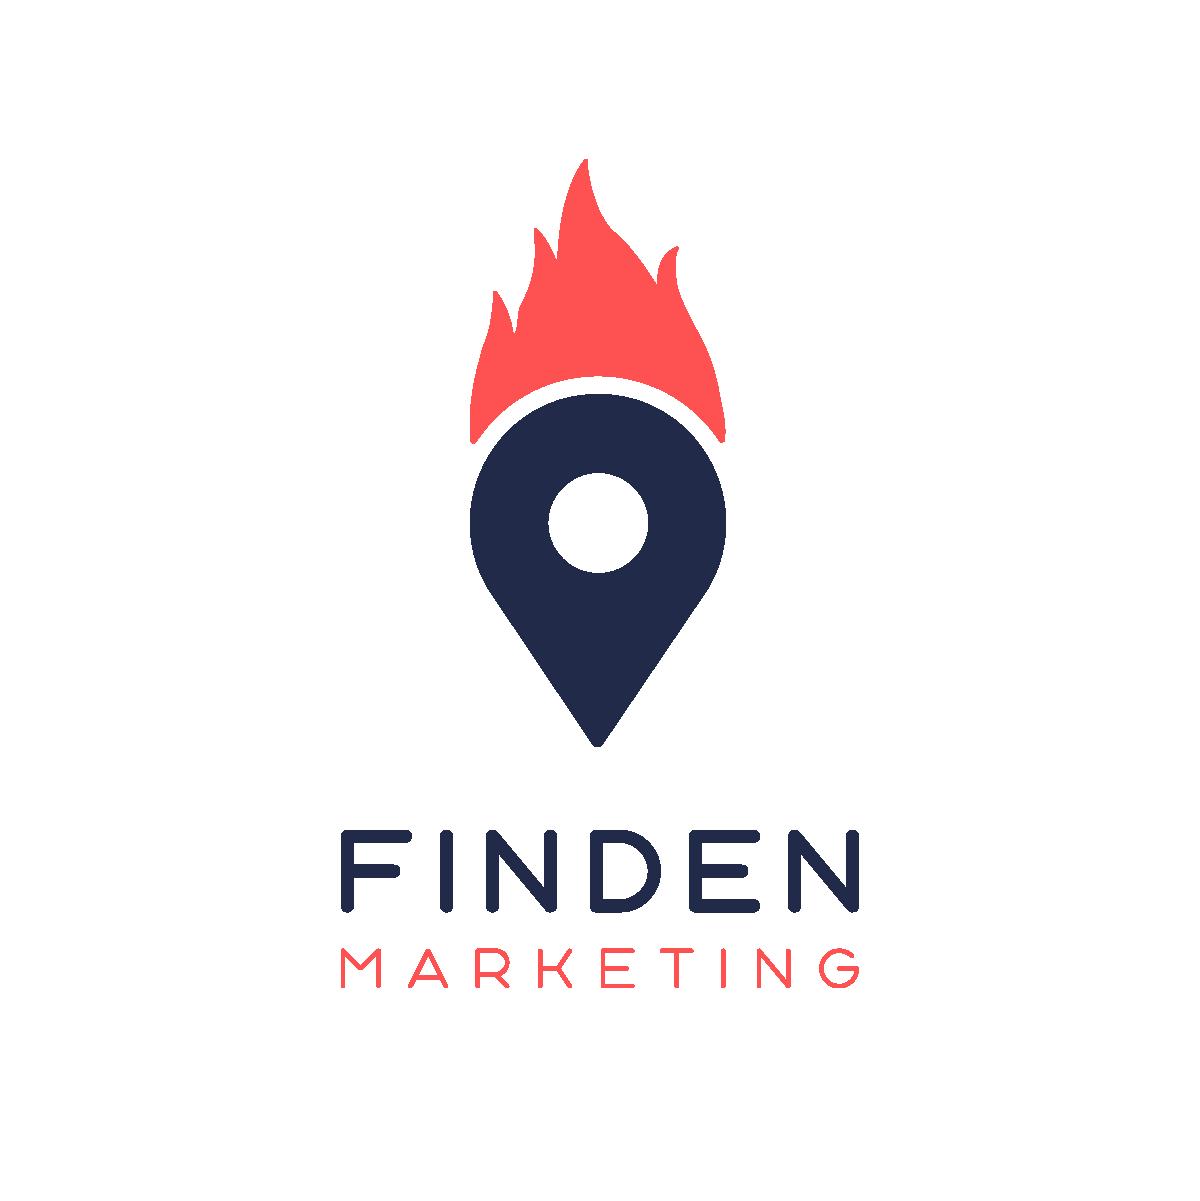 Finden Marketing Group